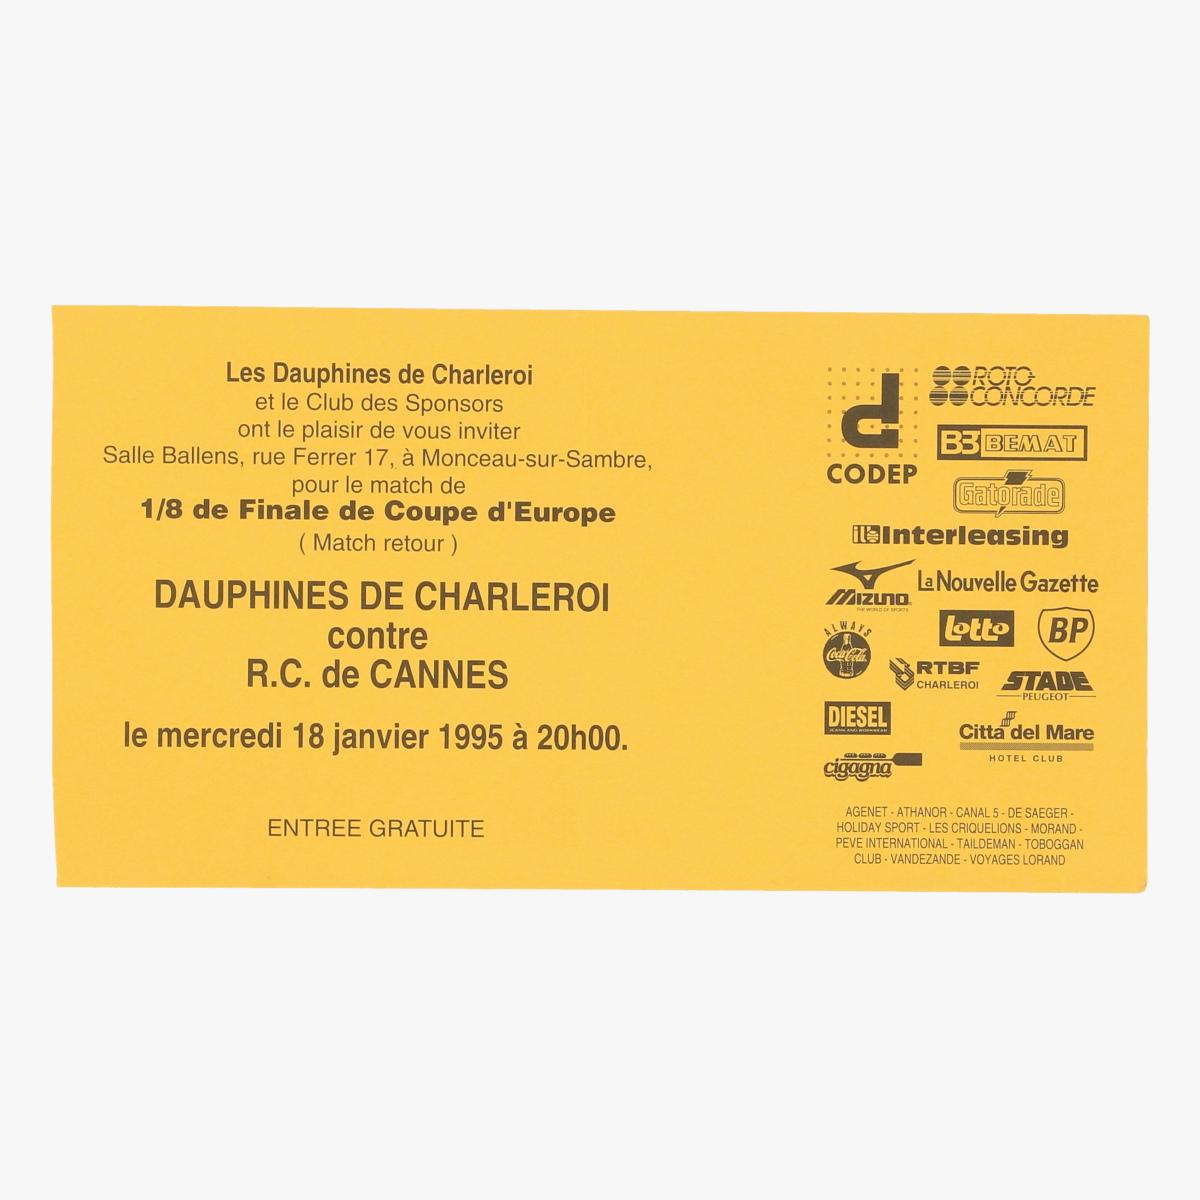 Afbeeldingen van ticket les dauphines de charleroi 1/8 fin de coupe d'Europe 1995